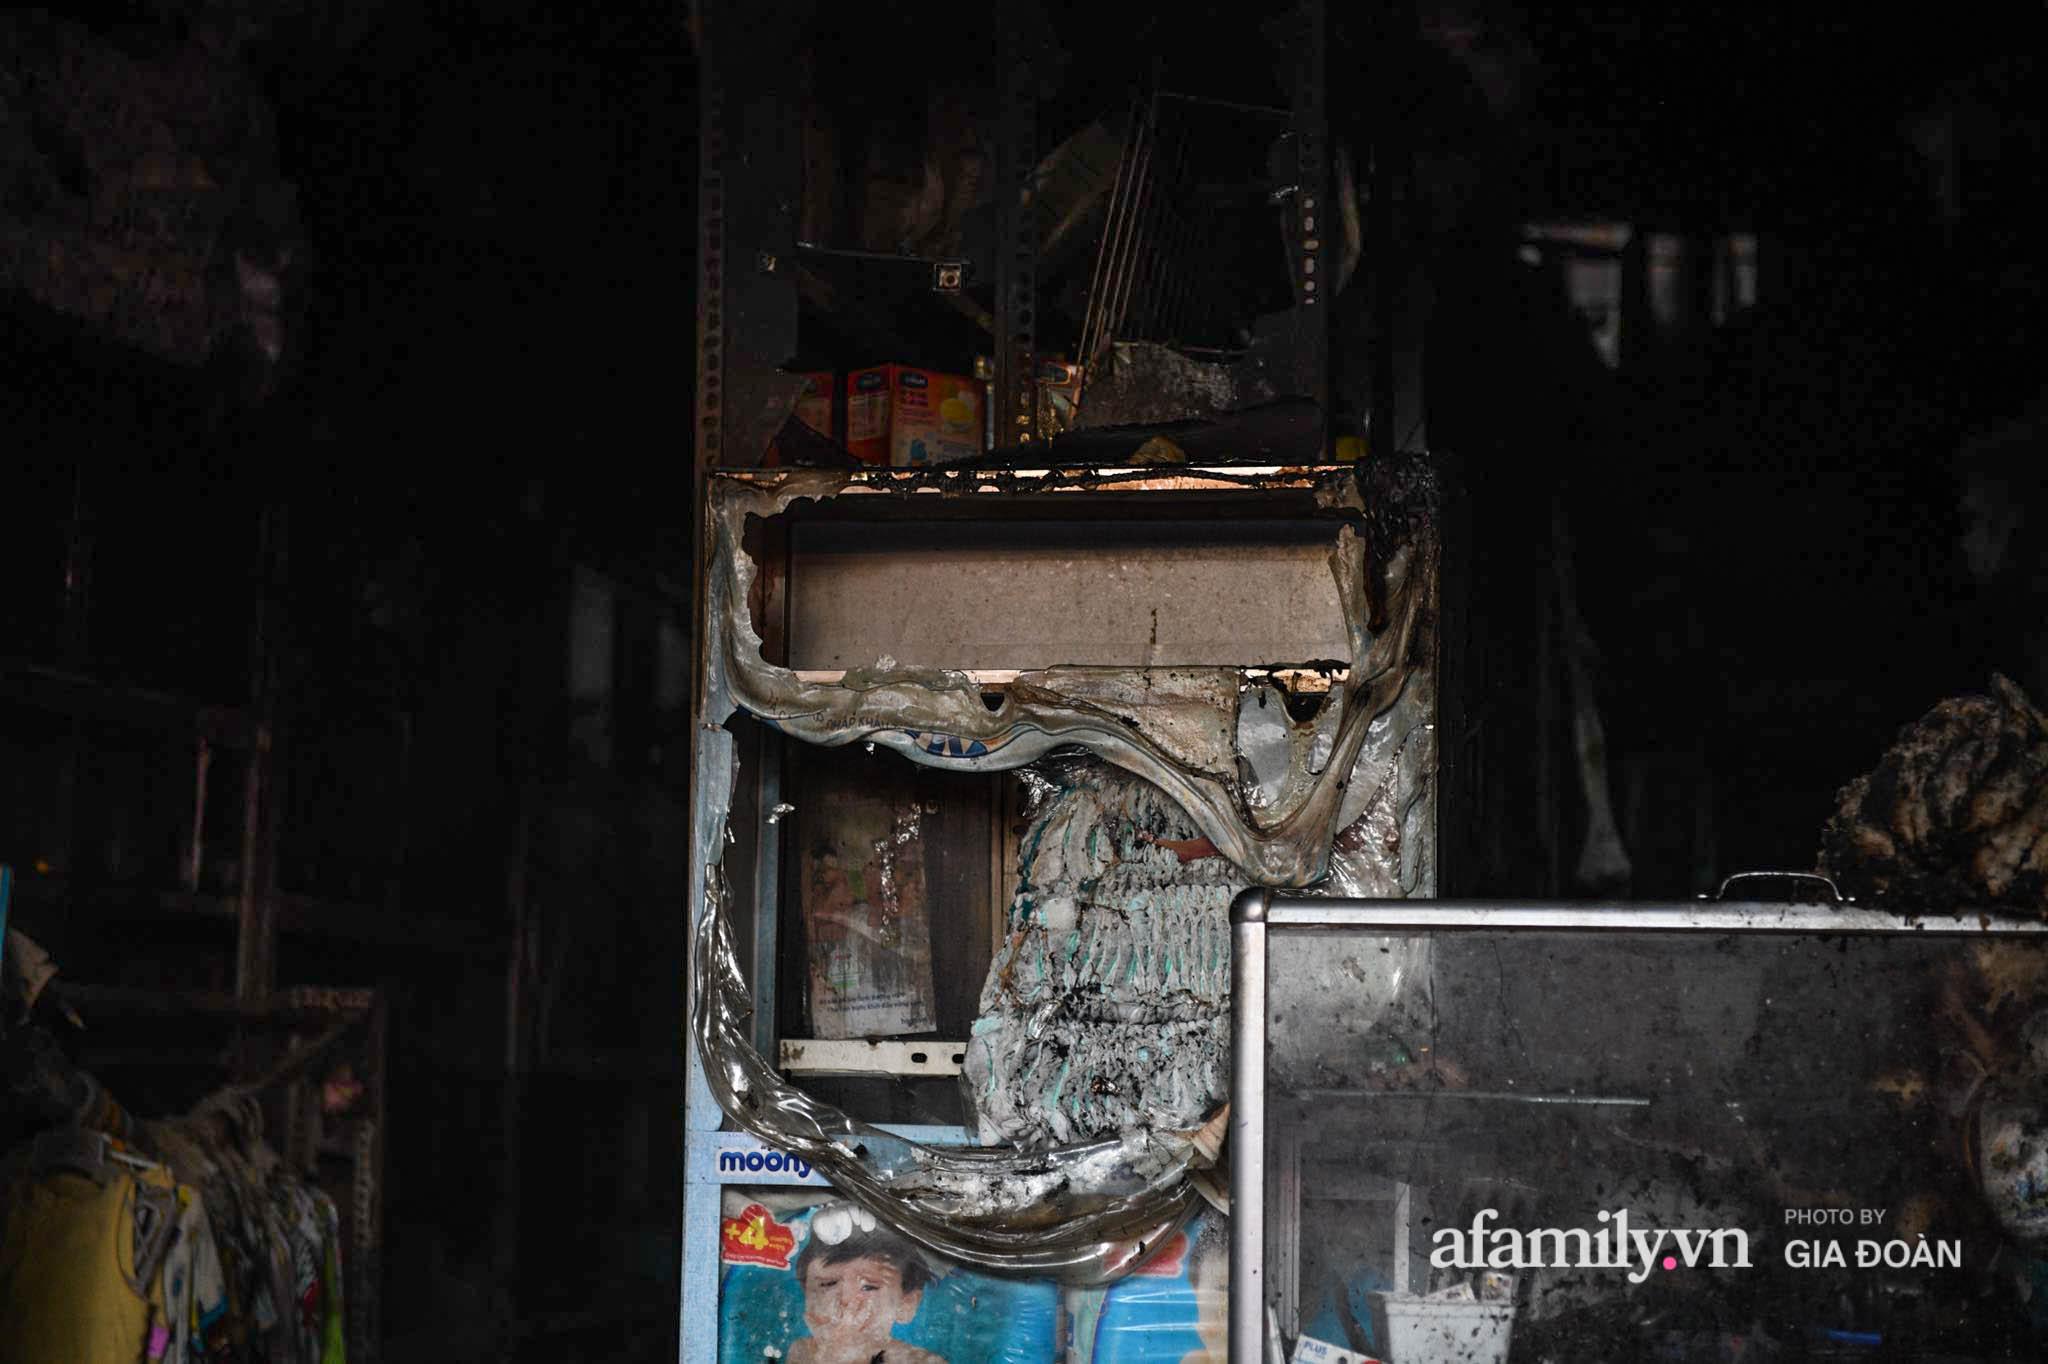 Hiện trường ám ảnh bên trong ngôi nhà bị cháy khiến 4 người trong cùng một gia đình tử vong ở Hà Nội - Ảnh 3.